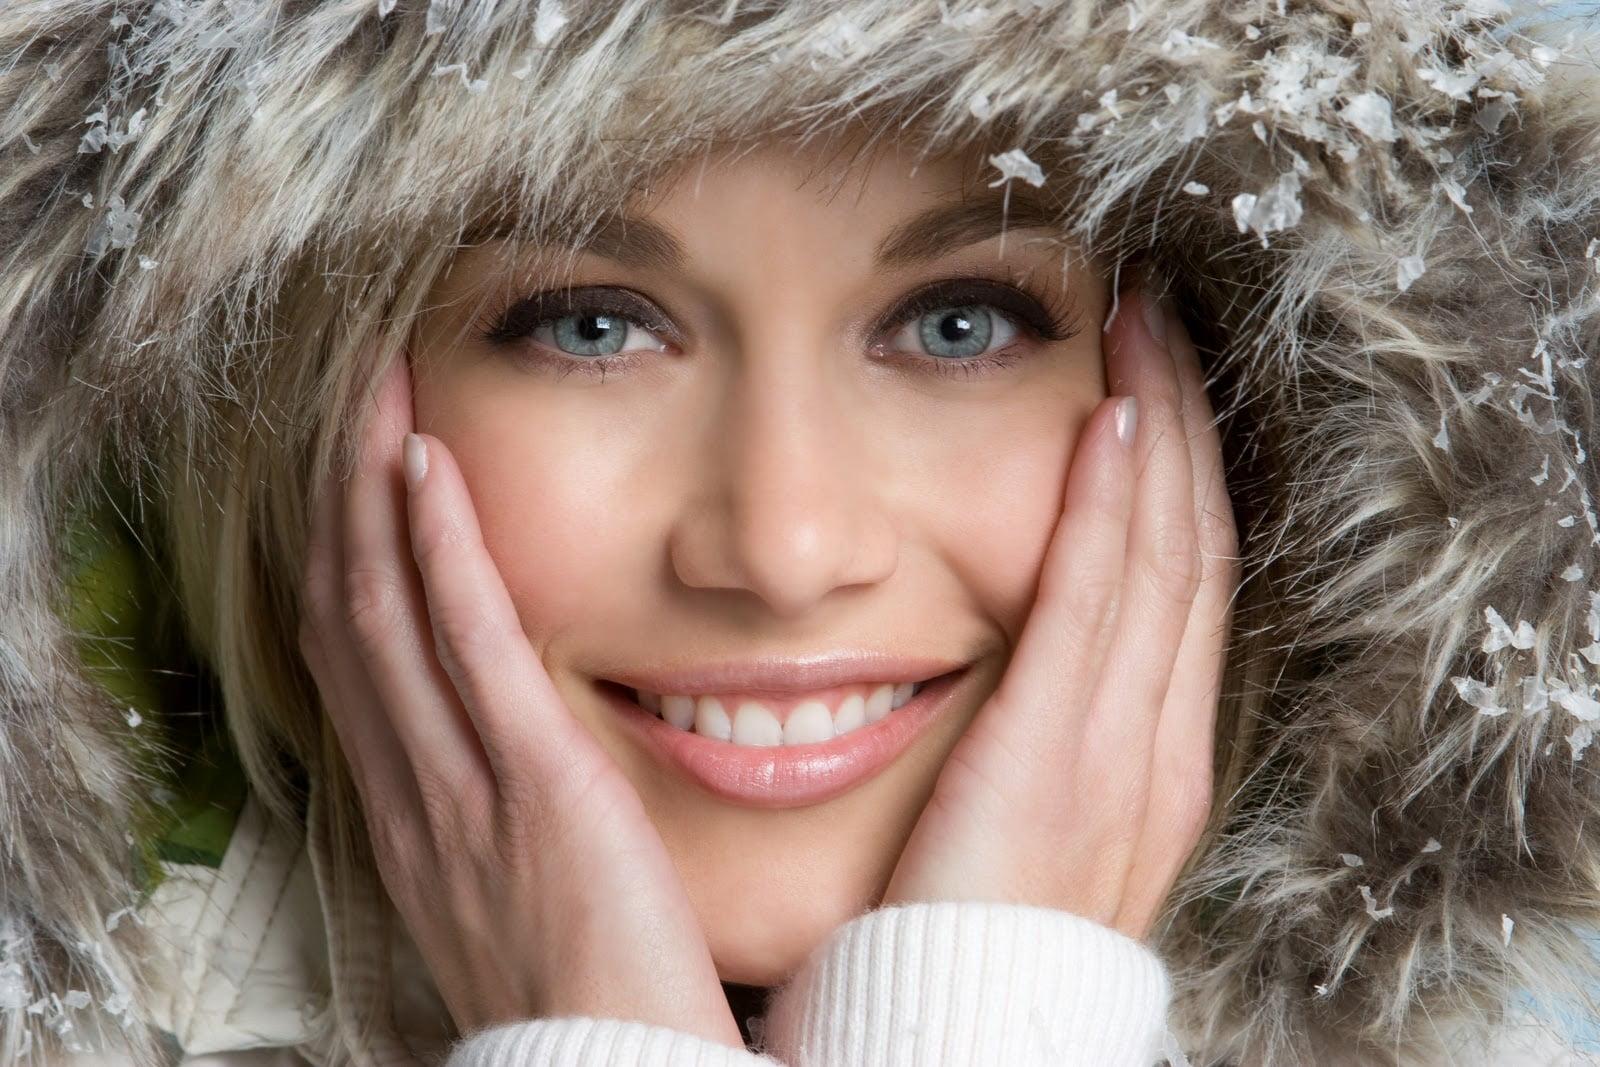 PELE INVERNO - Como Proteger a sua Pele no Inverno: Veja Dicas e Truques!